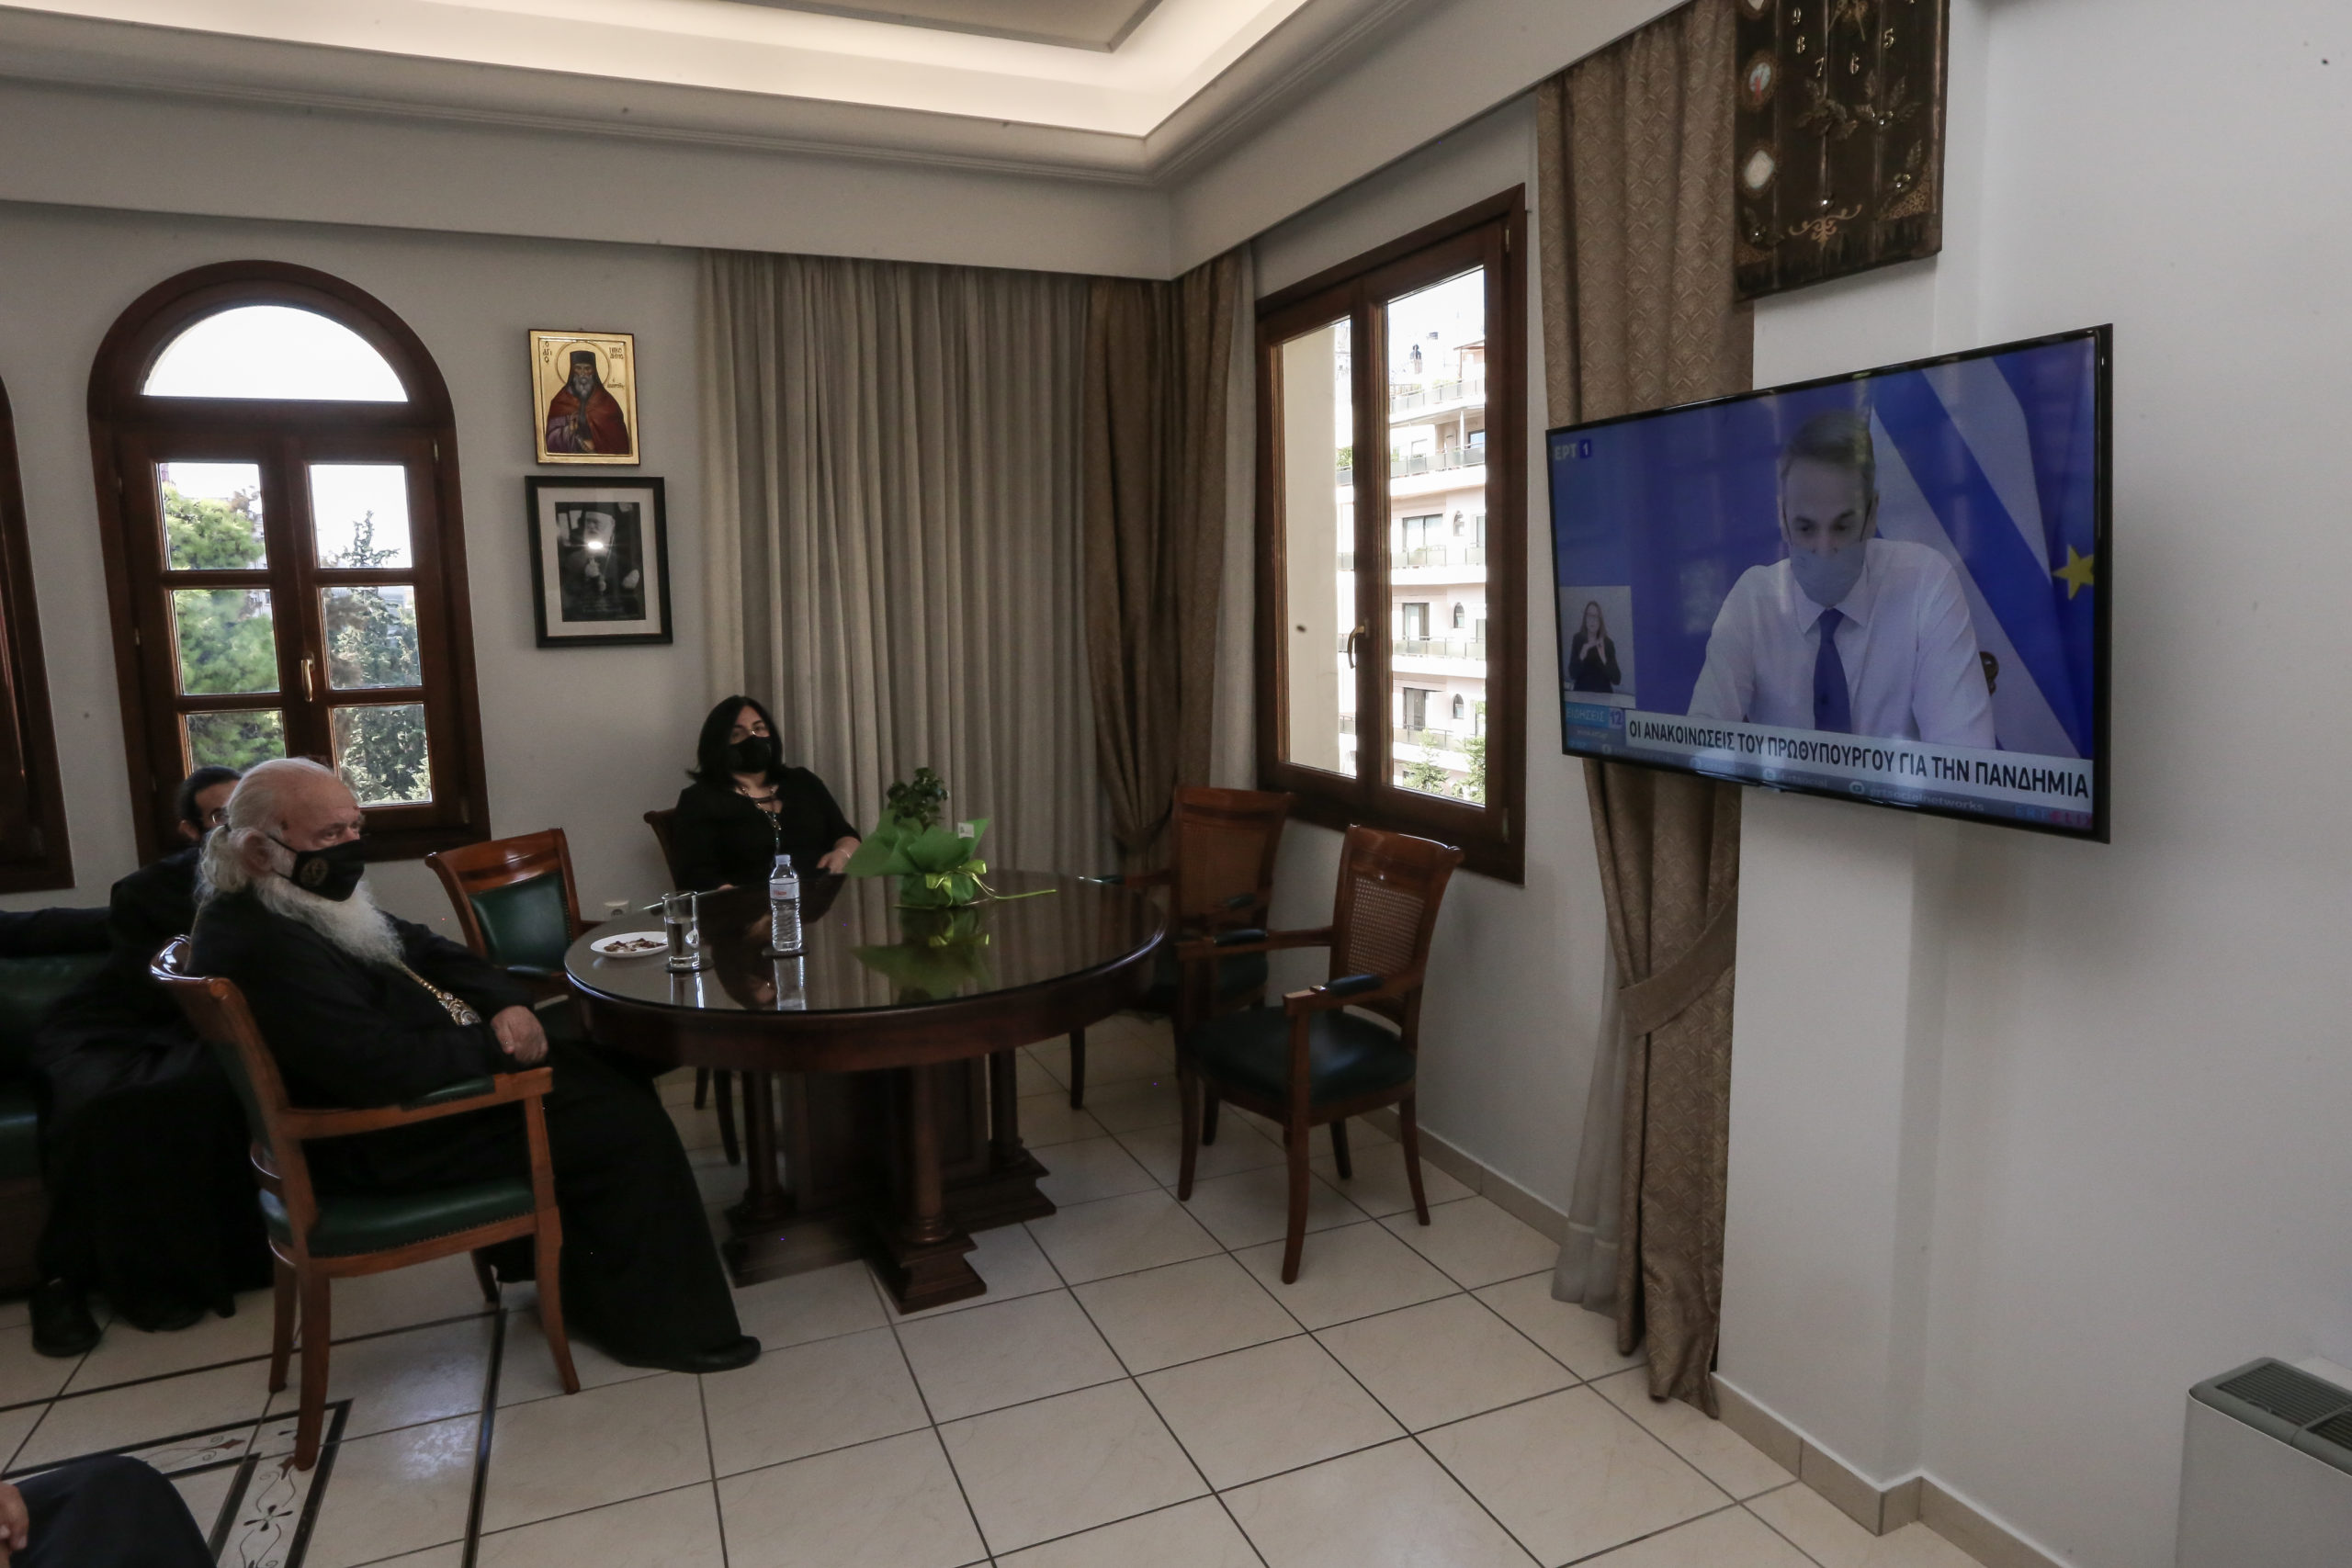 Εμφανίσθηκε η επιστολή του Αρχιεπισκόπου προς τον Πρωθυπουργό- Πλήρης επιβεβαίωση του «ΕΞΑΨΑΛΜΟΥ»